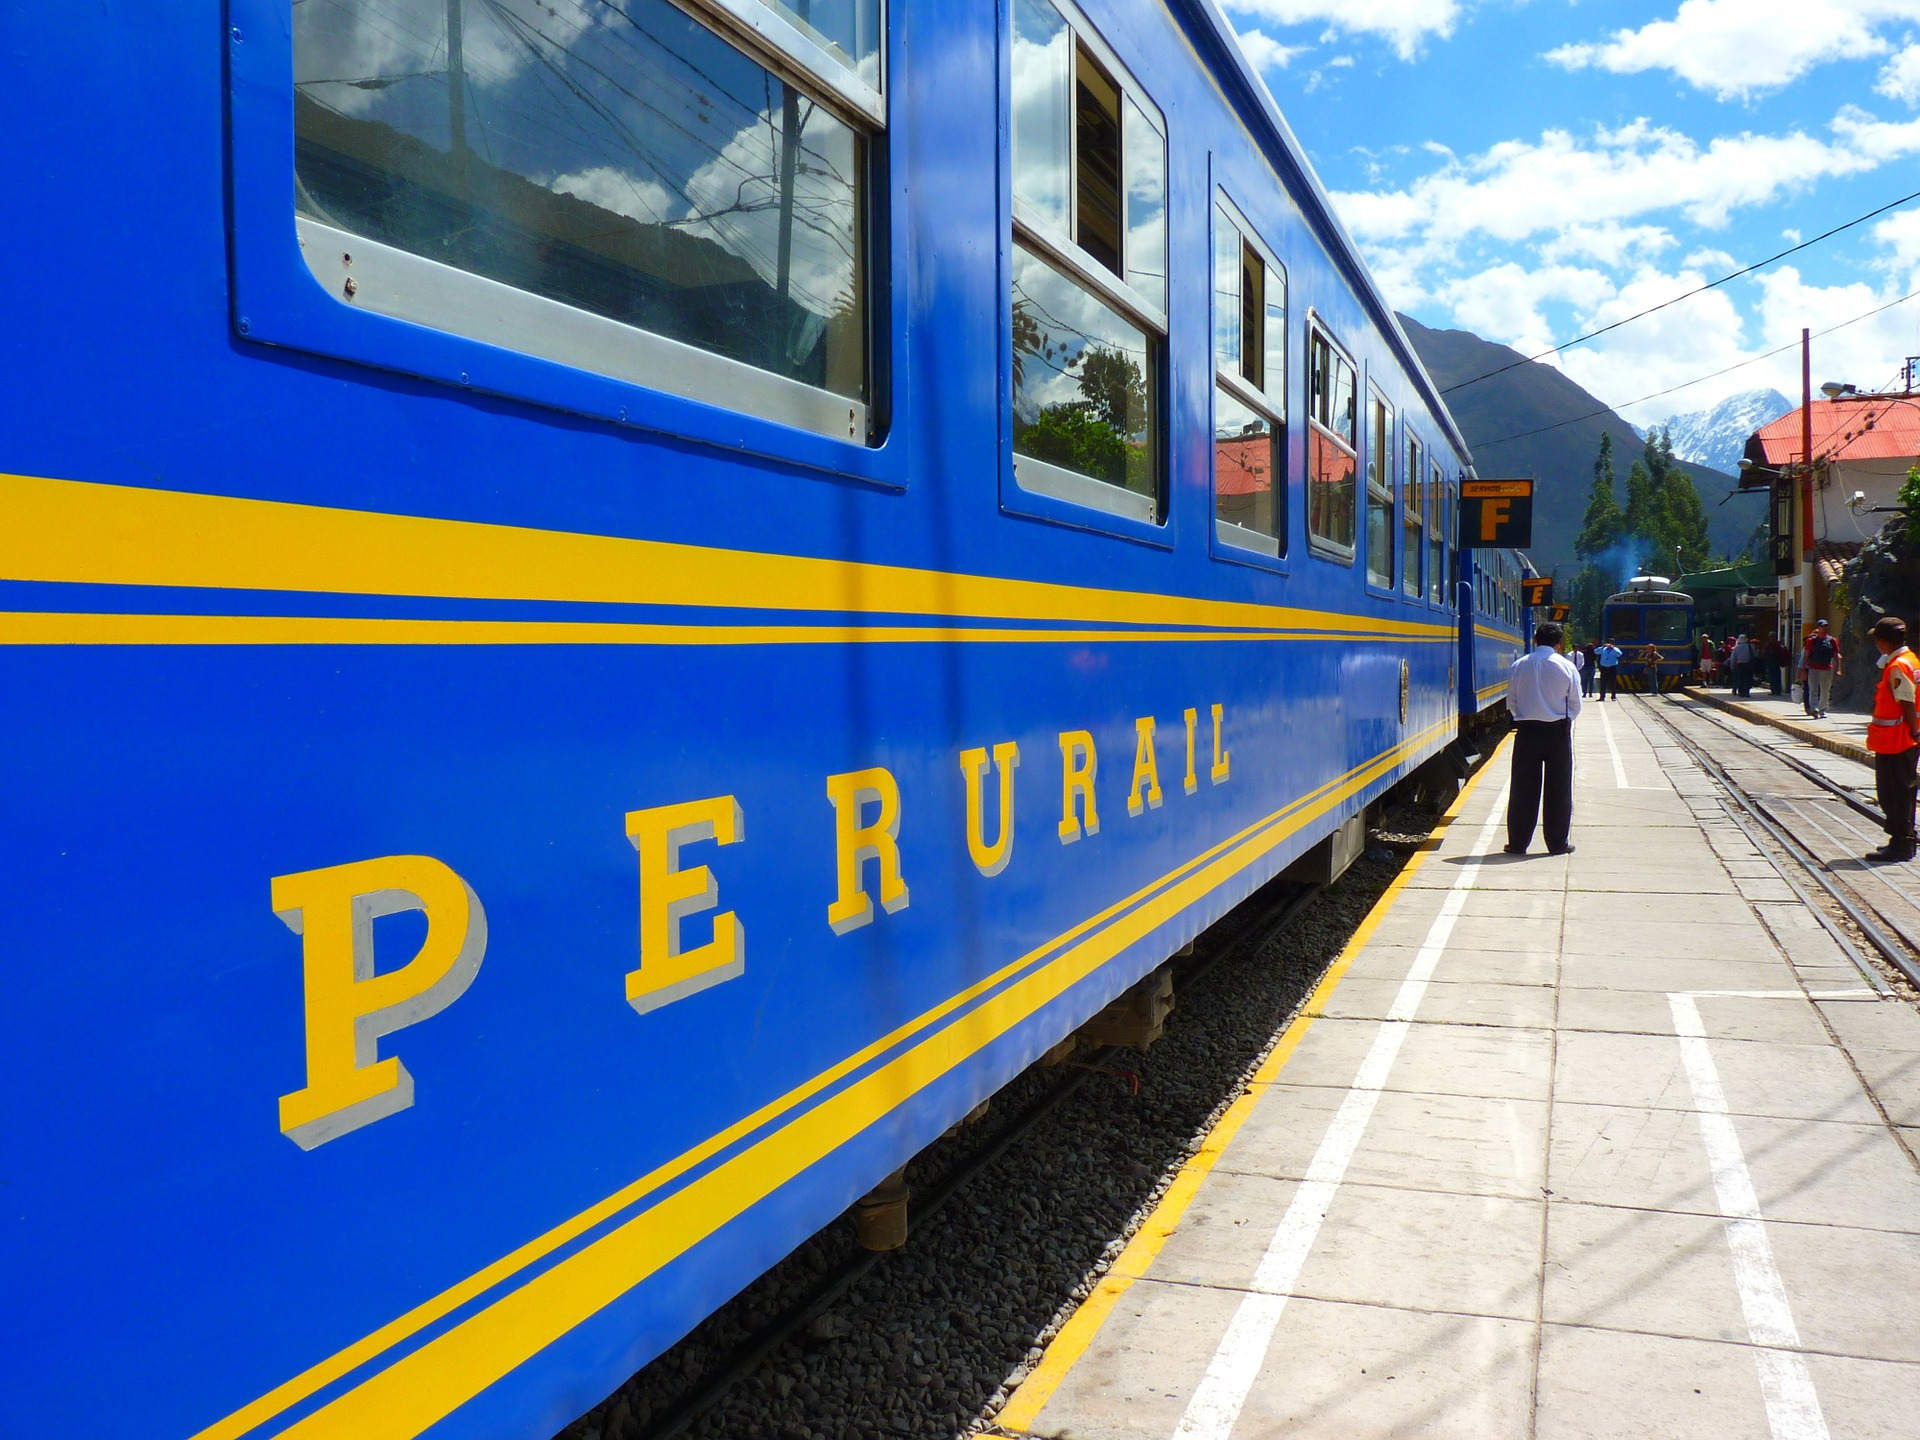 train-machu-picchu-perurail